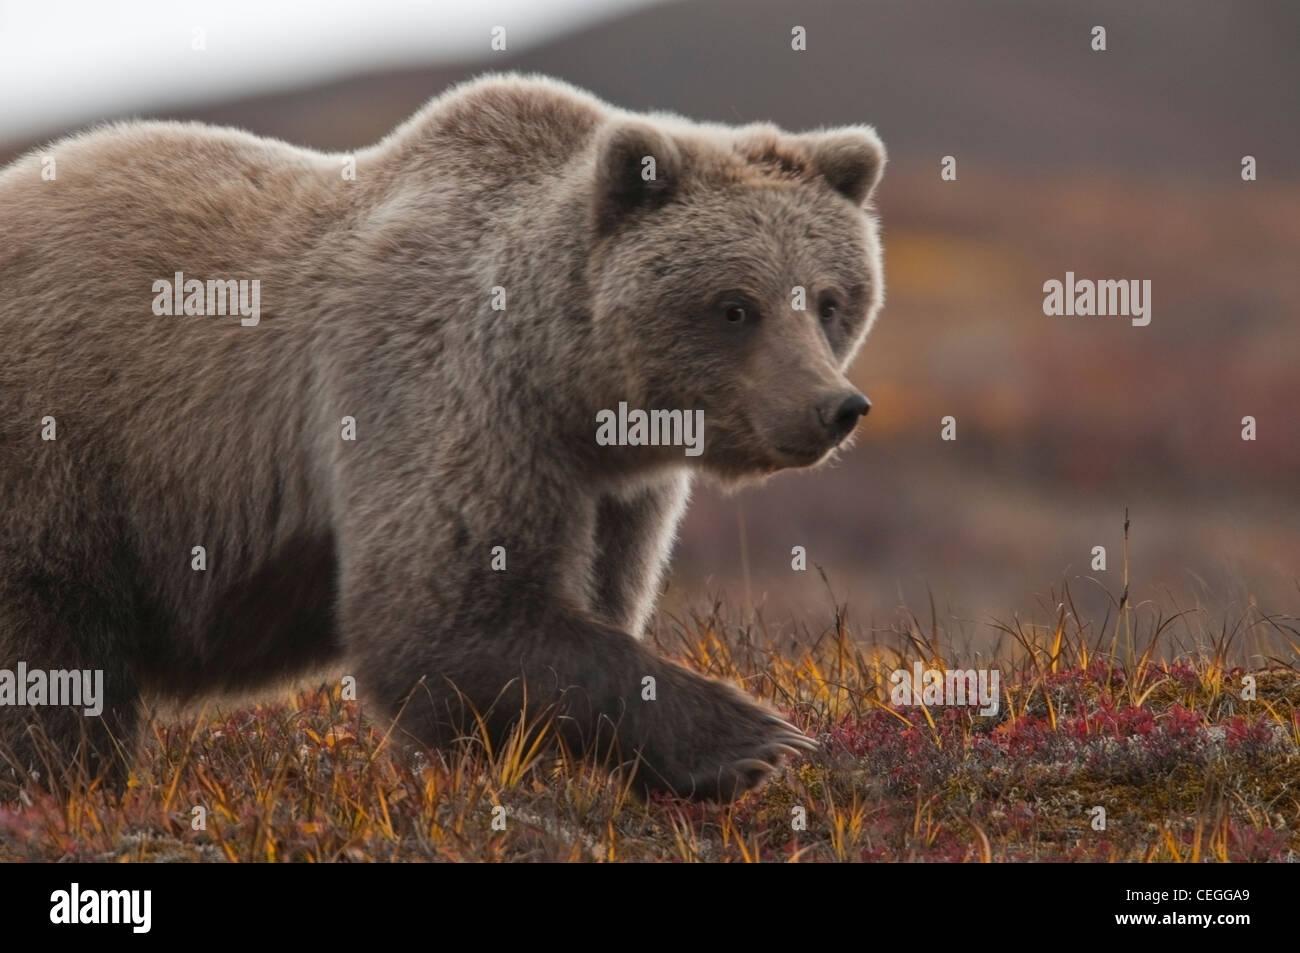 Grizzly (Ursus arctos) bear cub, Denali National Park, Alaska - Stock Image